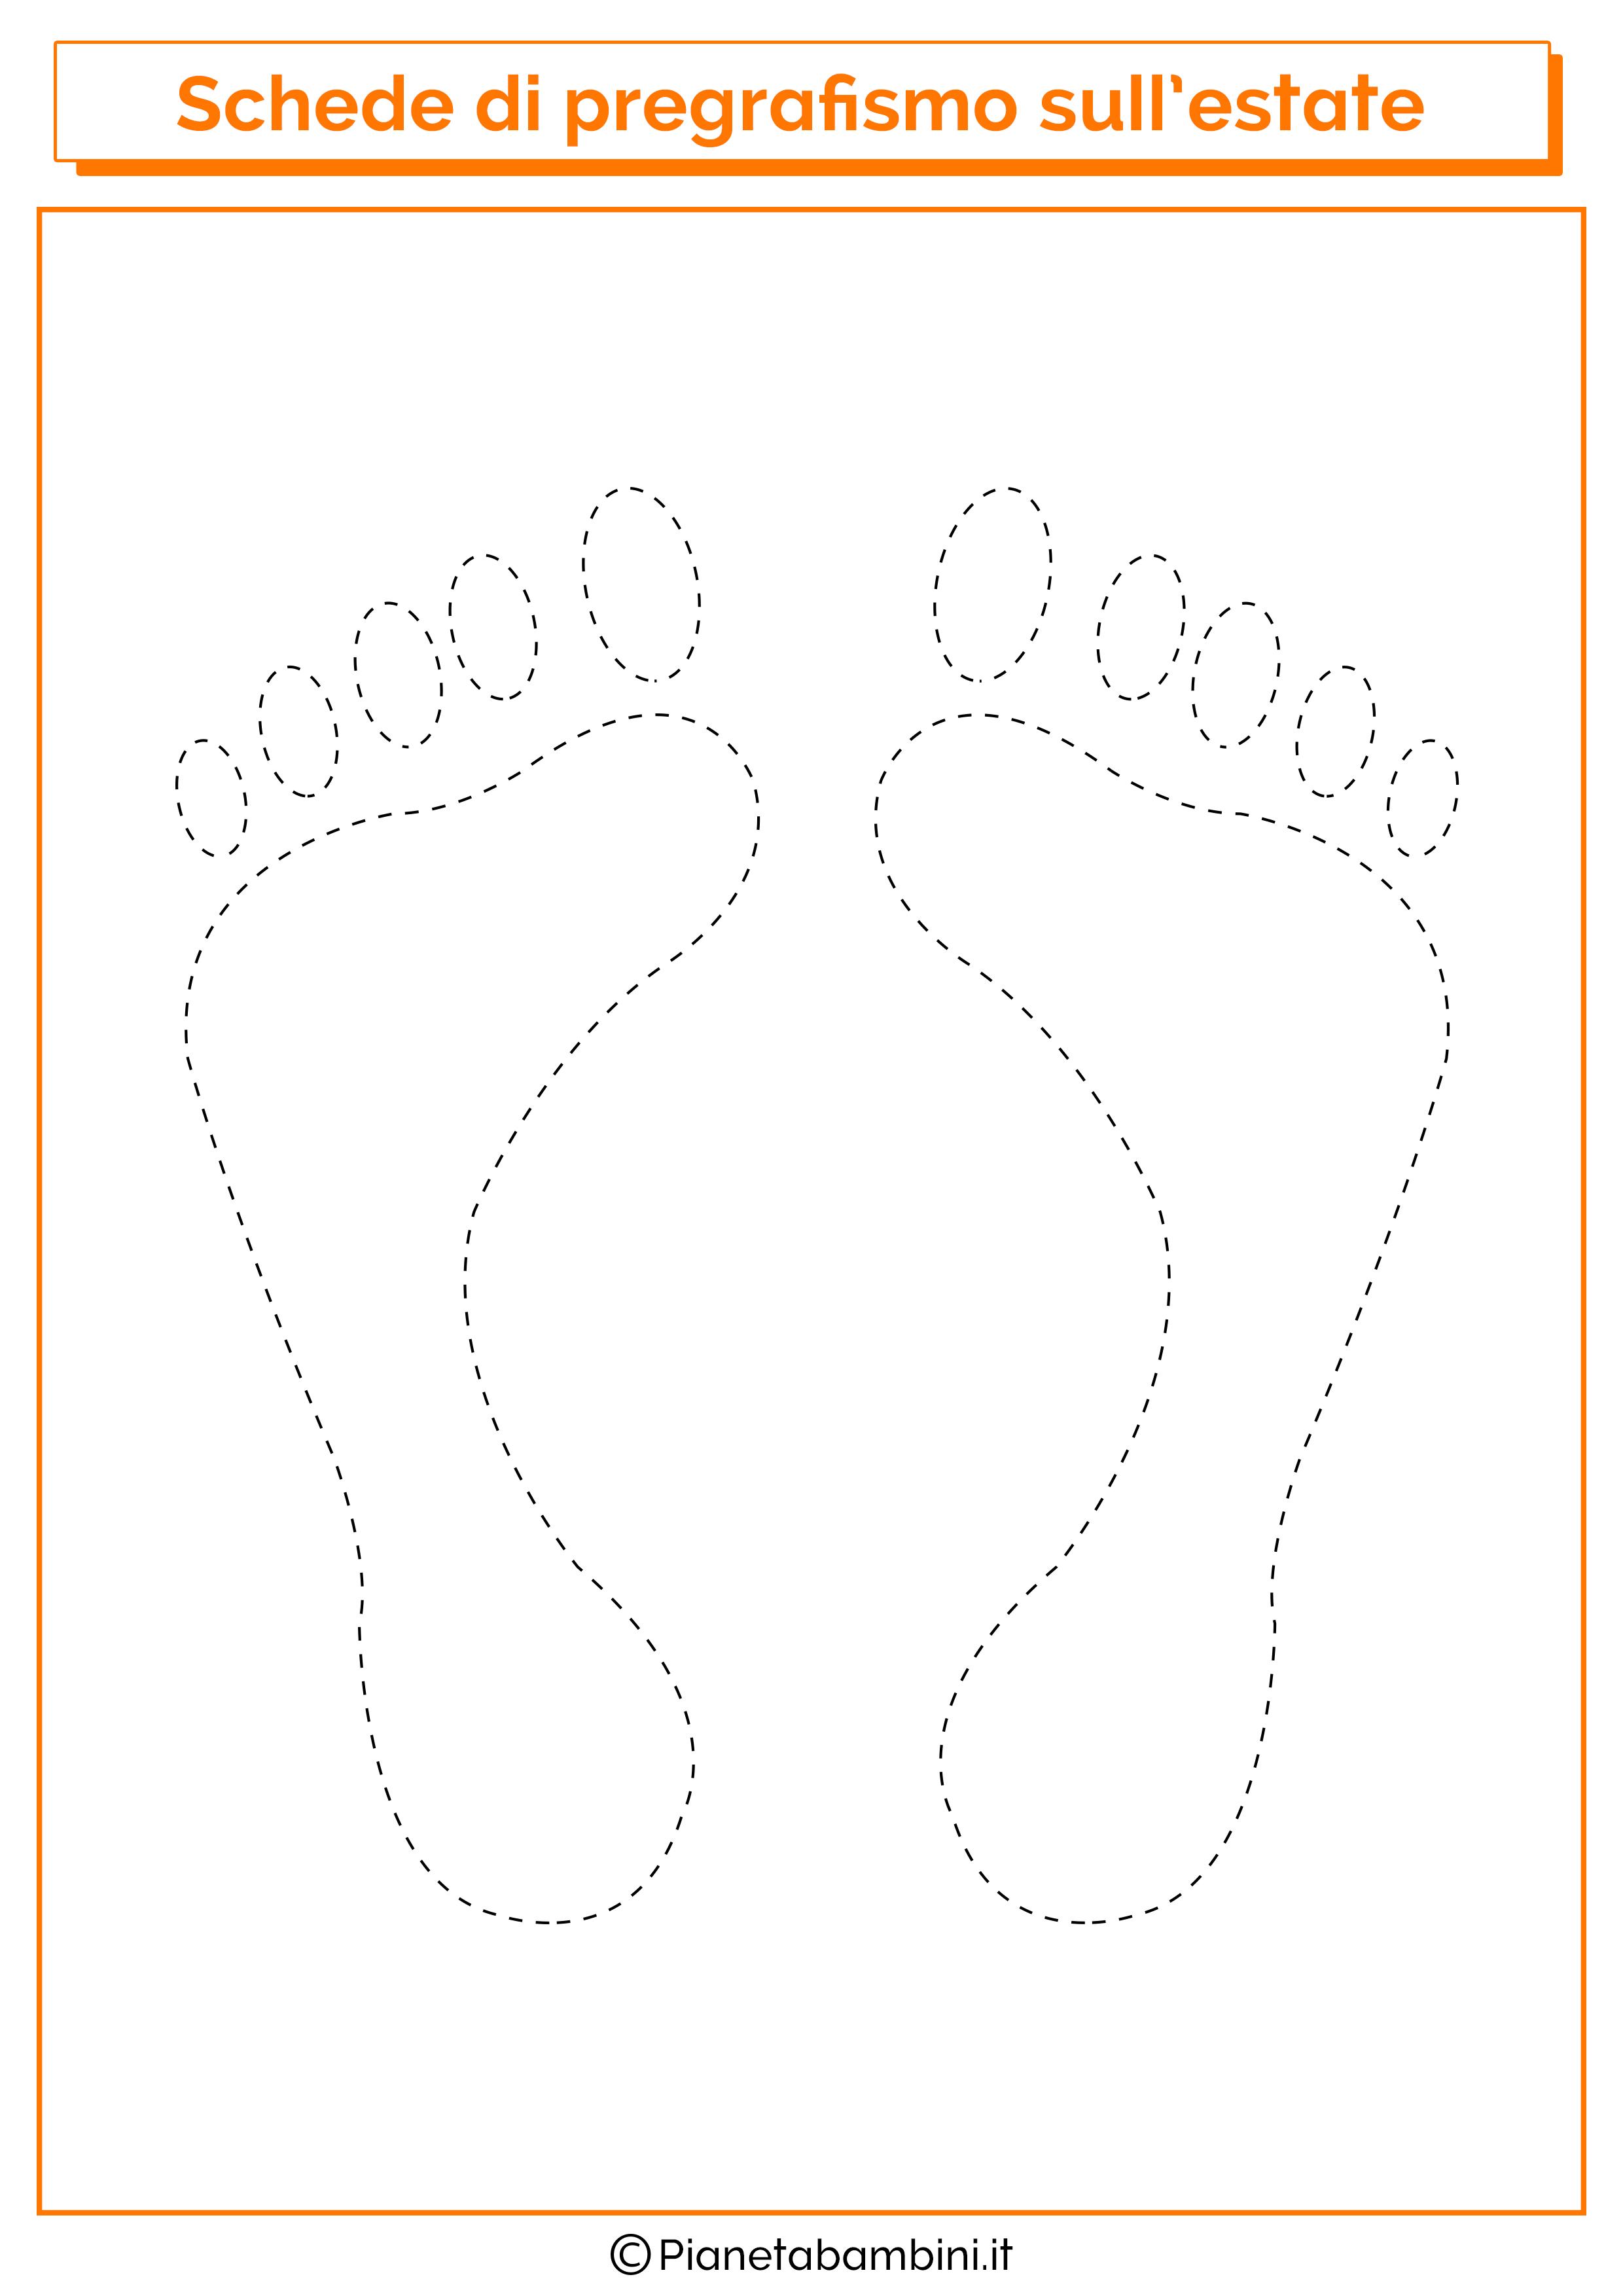 Scheda di pregrafismo sulle orme dei piedi